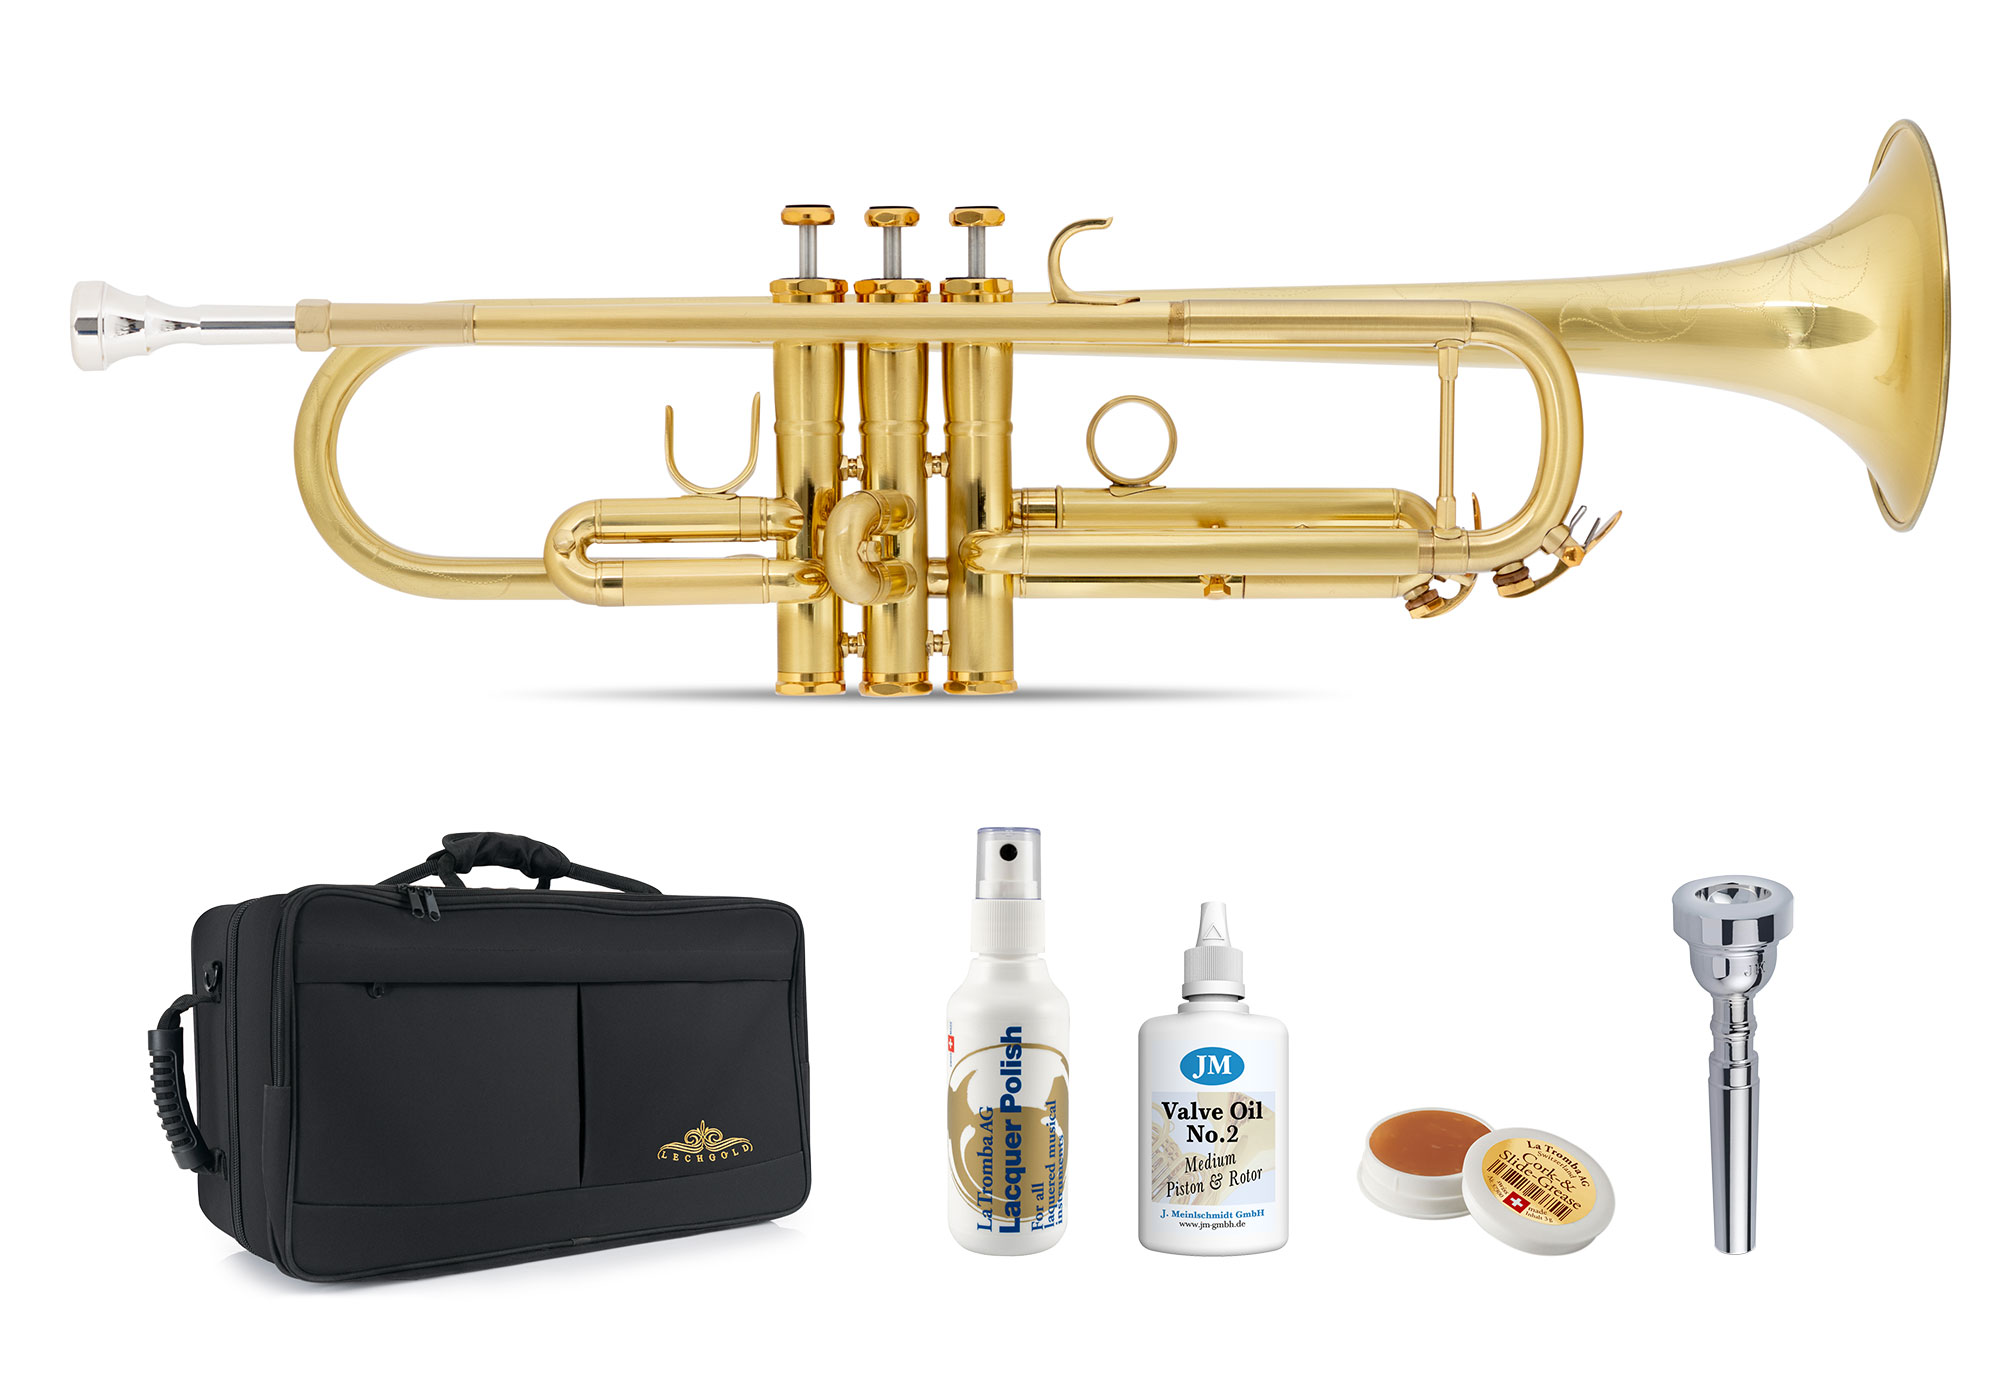 Trompeten - Lechgold TR 16B Bb Trompete gebürstet Deluxe Set - Onlineshop Musikhaus Kirstein